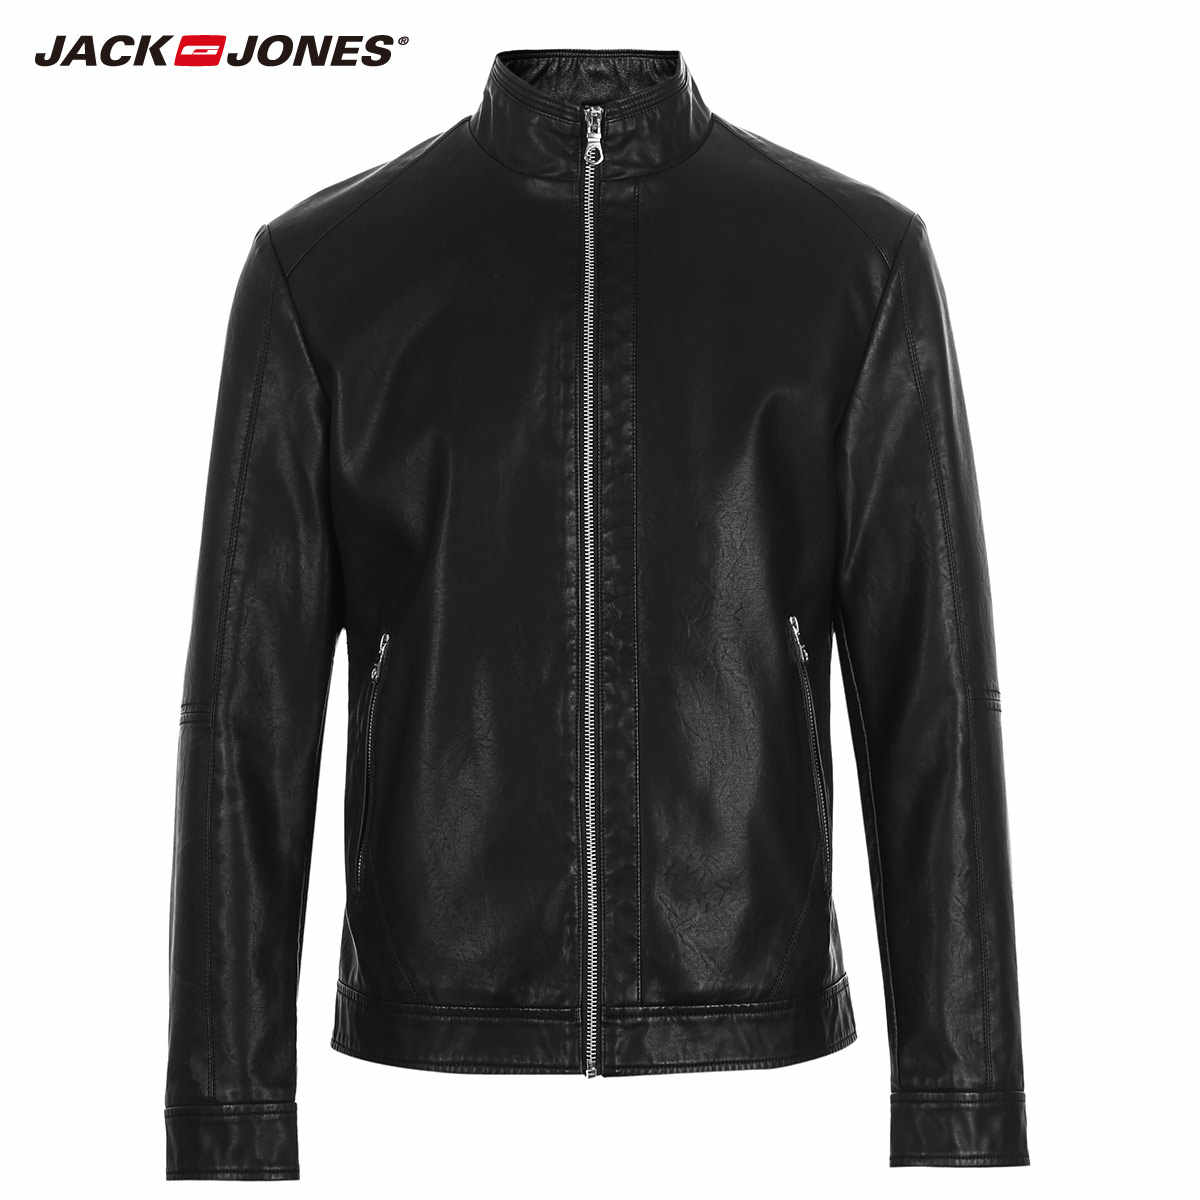 Mlmr Новый Для Мужчин's стильный короткий черный воротник-стойка из искусственной кожи байкерская куртка повседневная верхняя одежда JackJones бренд осень-218121530